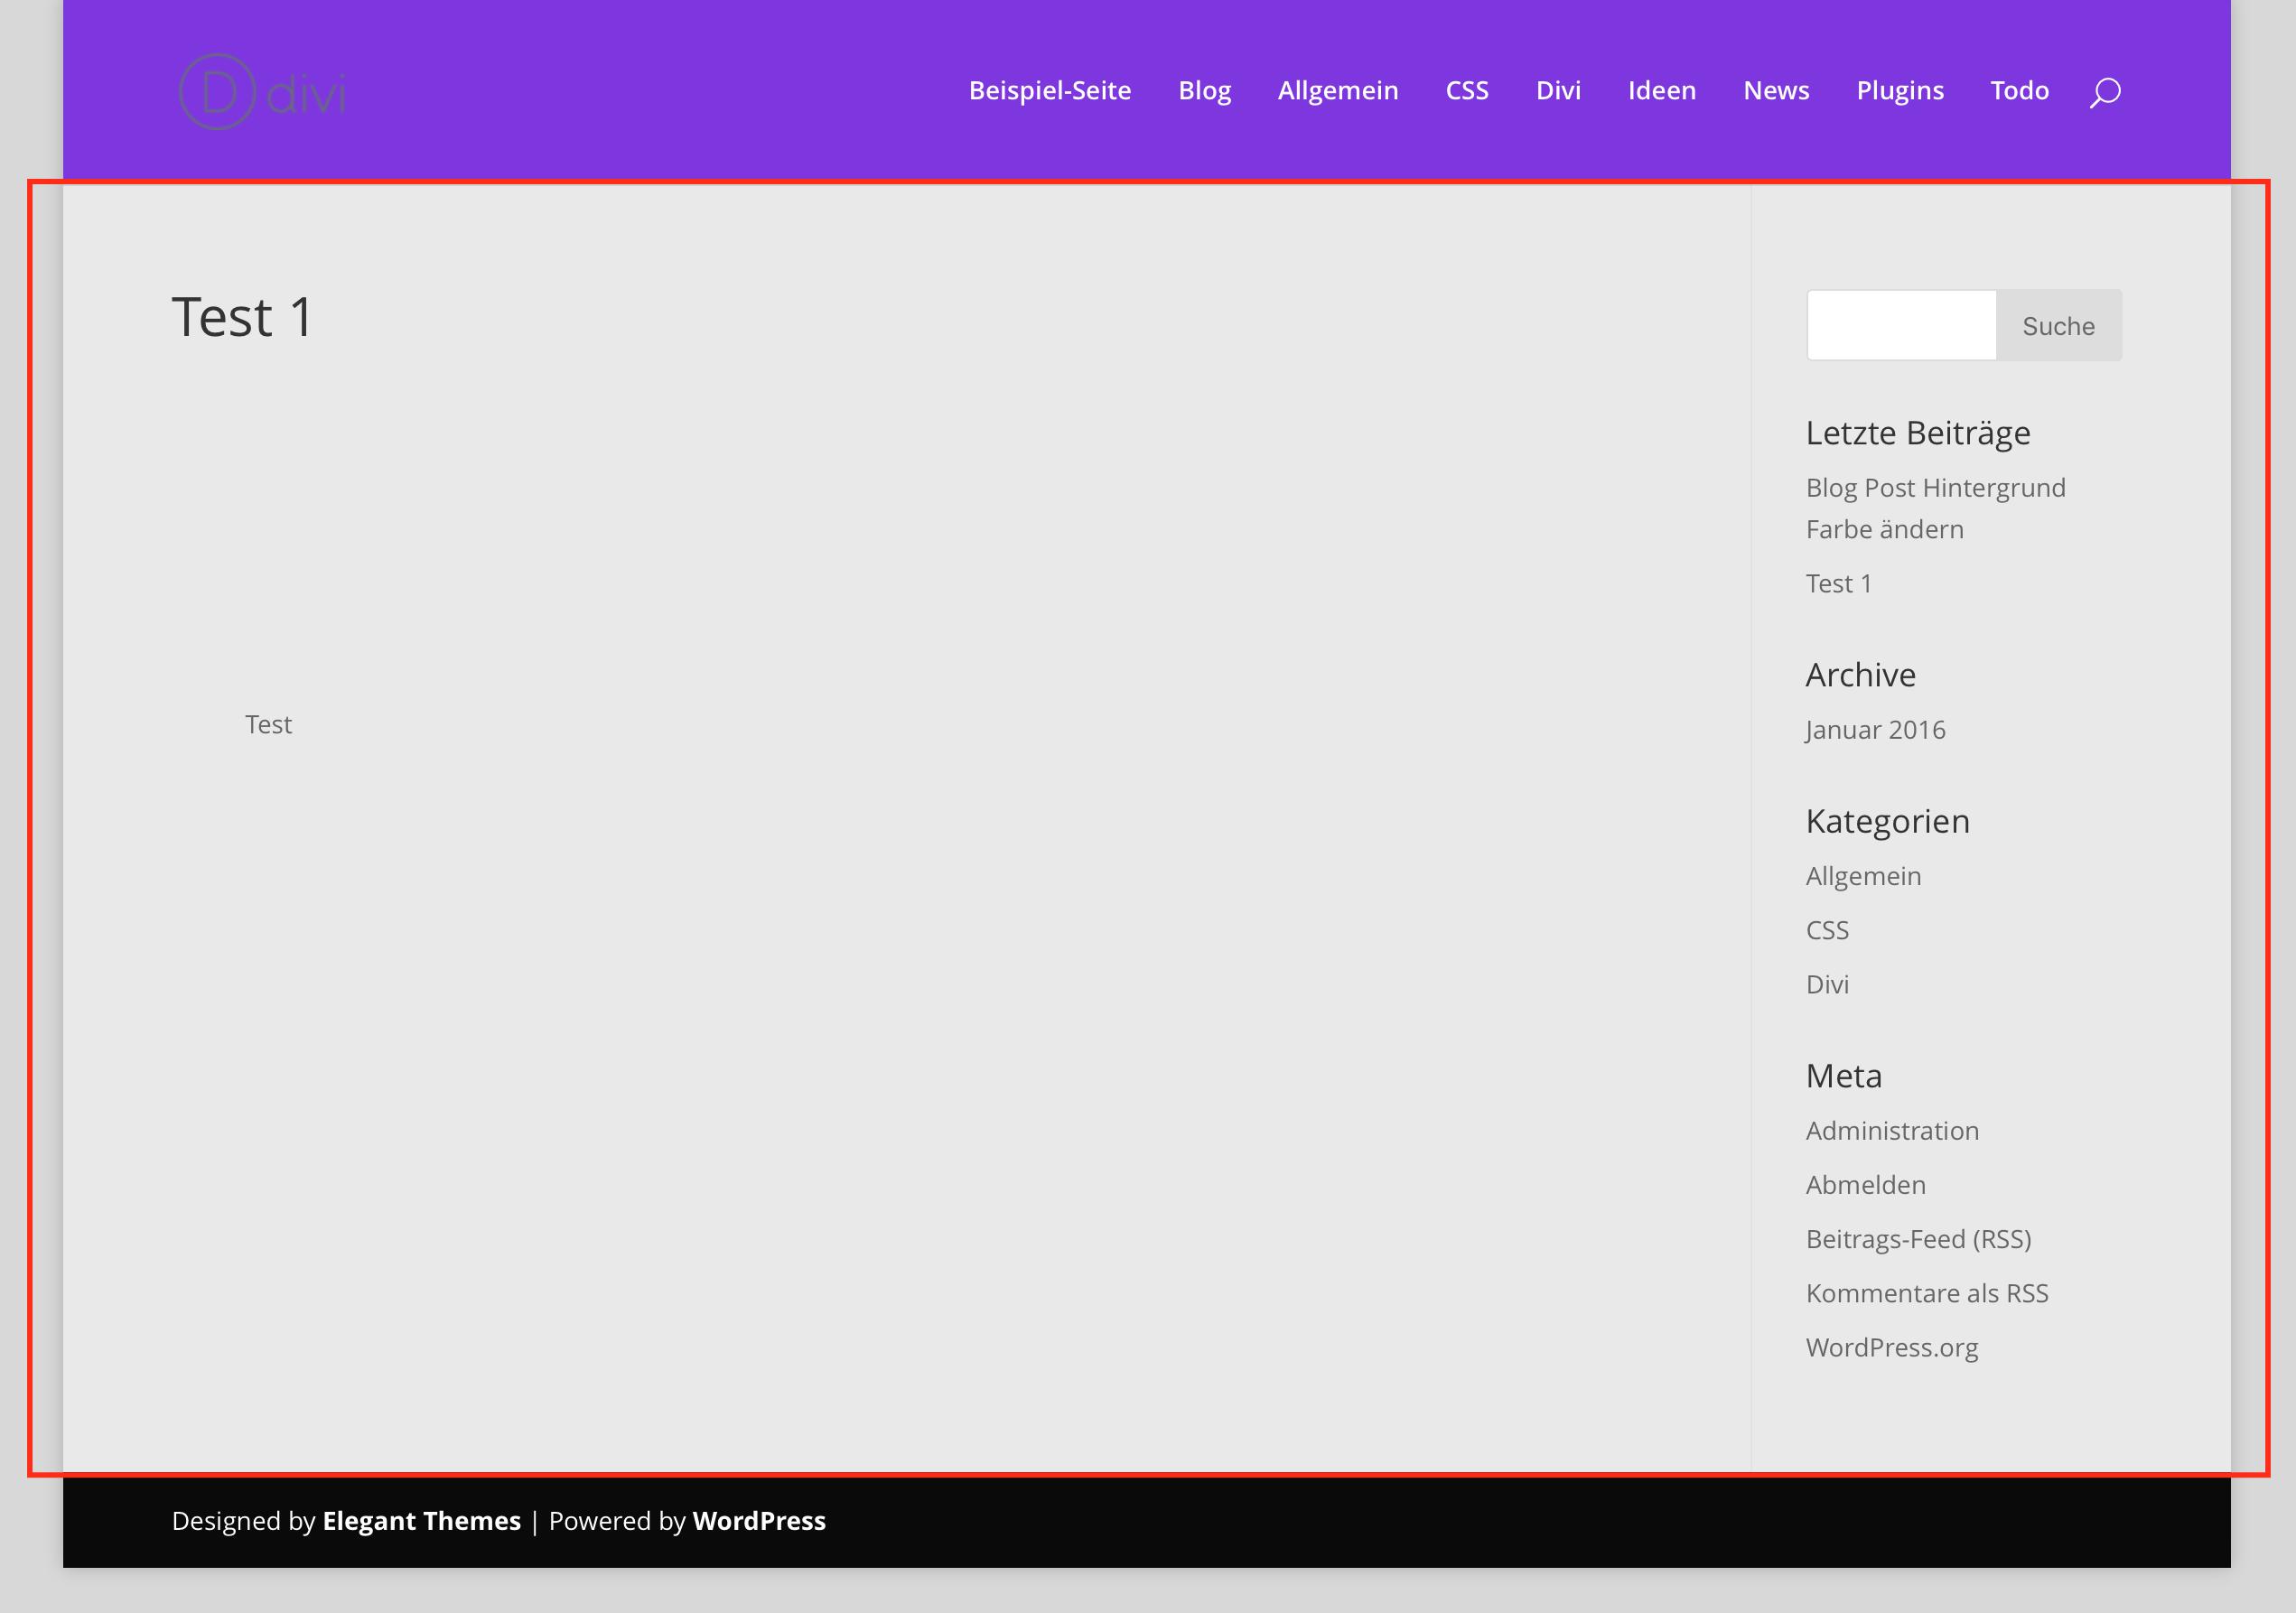 Divi: Blog Post Hintergrund Farbe ändern